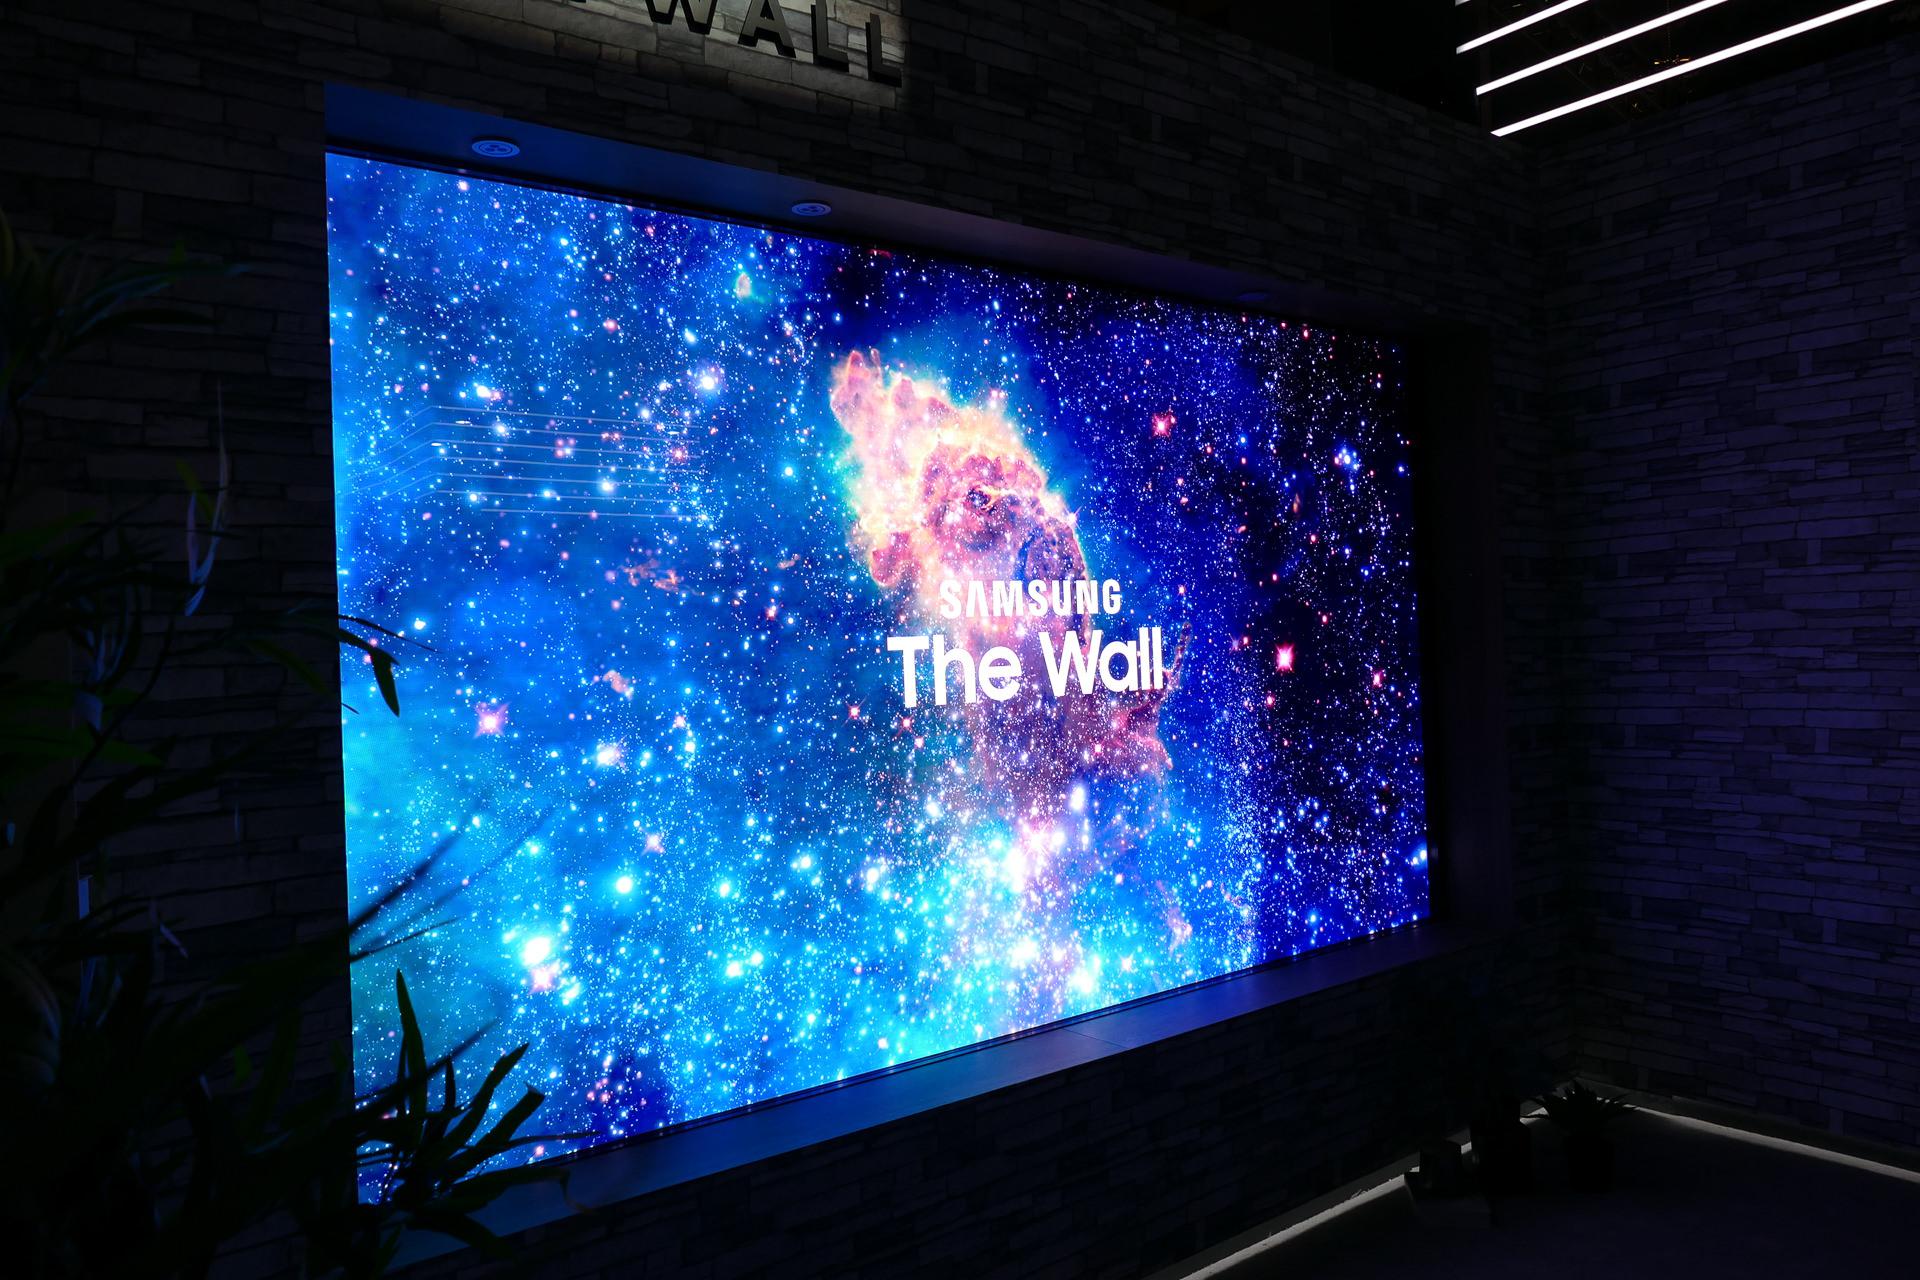 SAMSUNGの「The Wall」はMicroLEDと呼ばれる小型LEDのアレイを配置した巨大なディスプレイで146インチサイズ